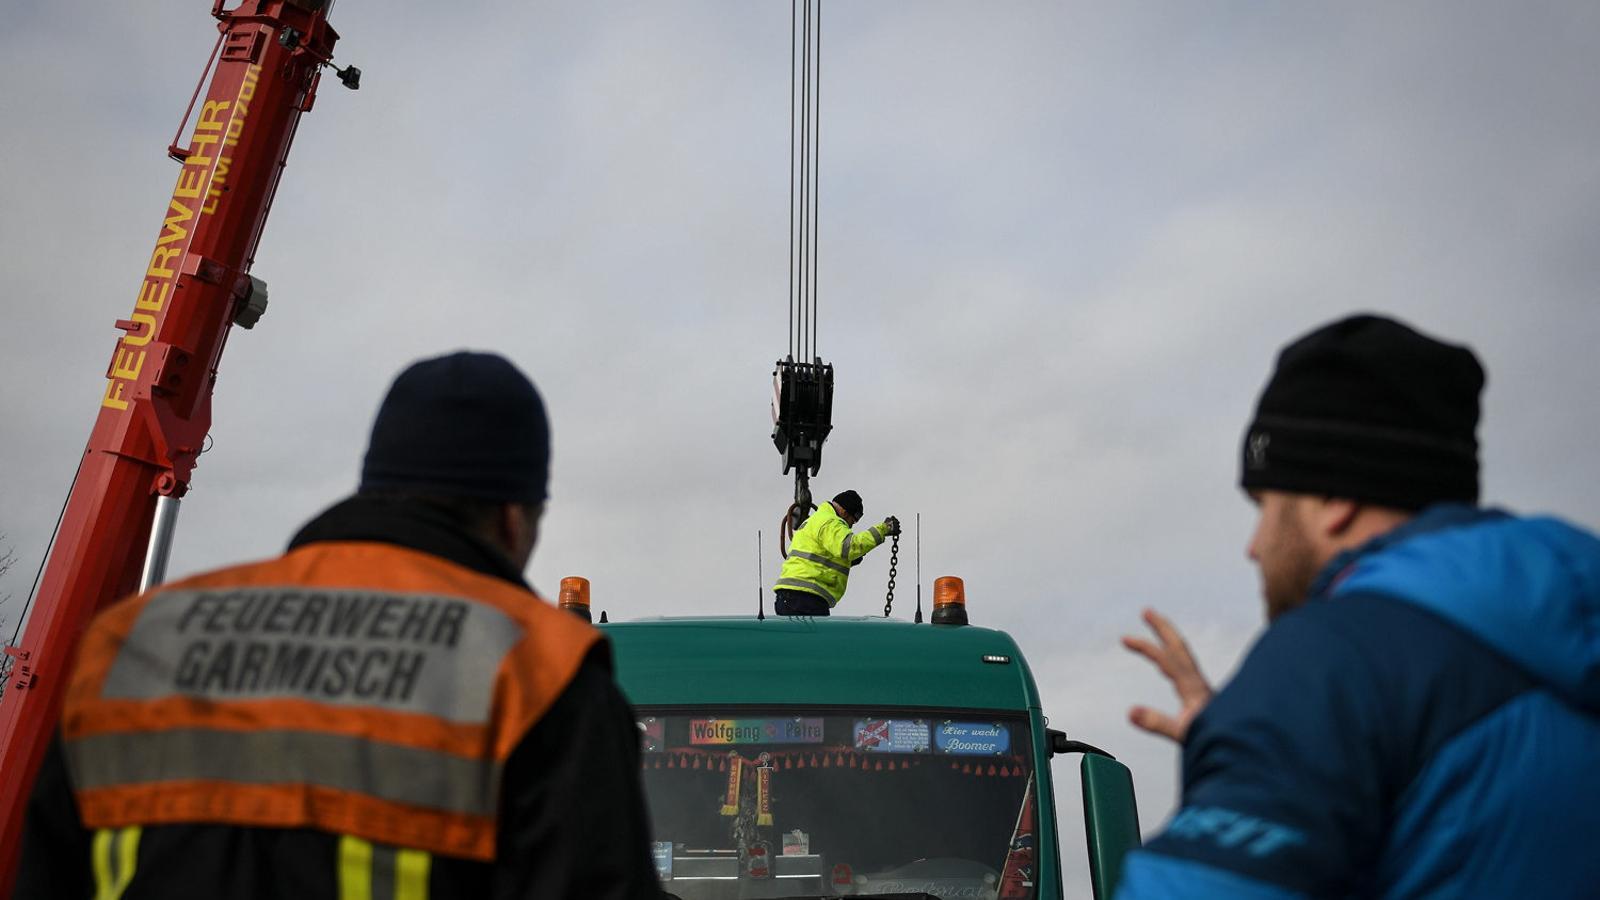 Operaris de la construcció treballant a la ciutat alemanya de Garmisch-Partenkirchen en una imatge recent.